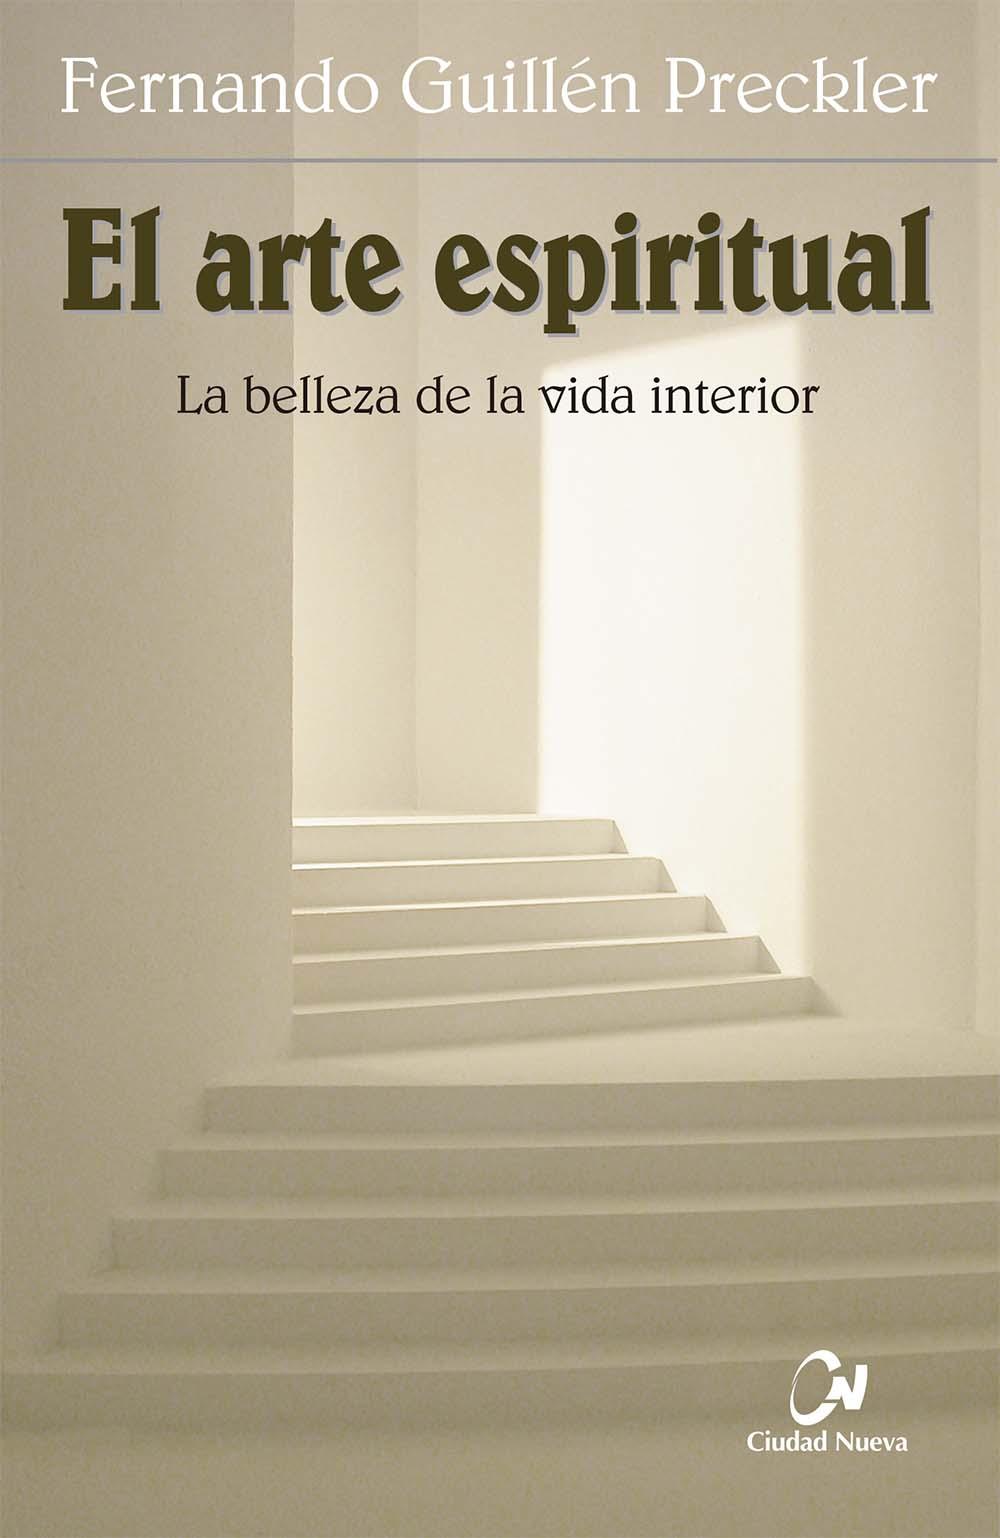 El Arte Espiritual Editorial Ciudad Nueva